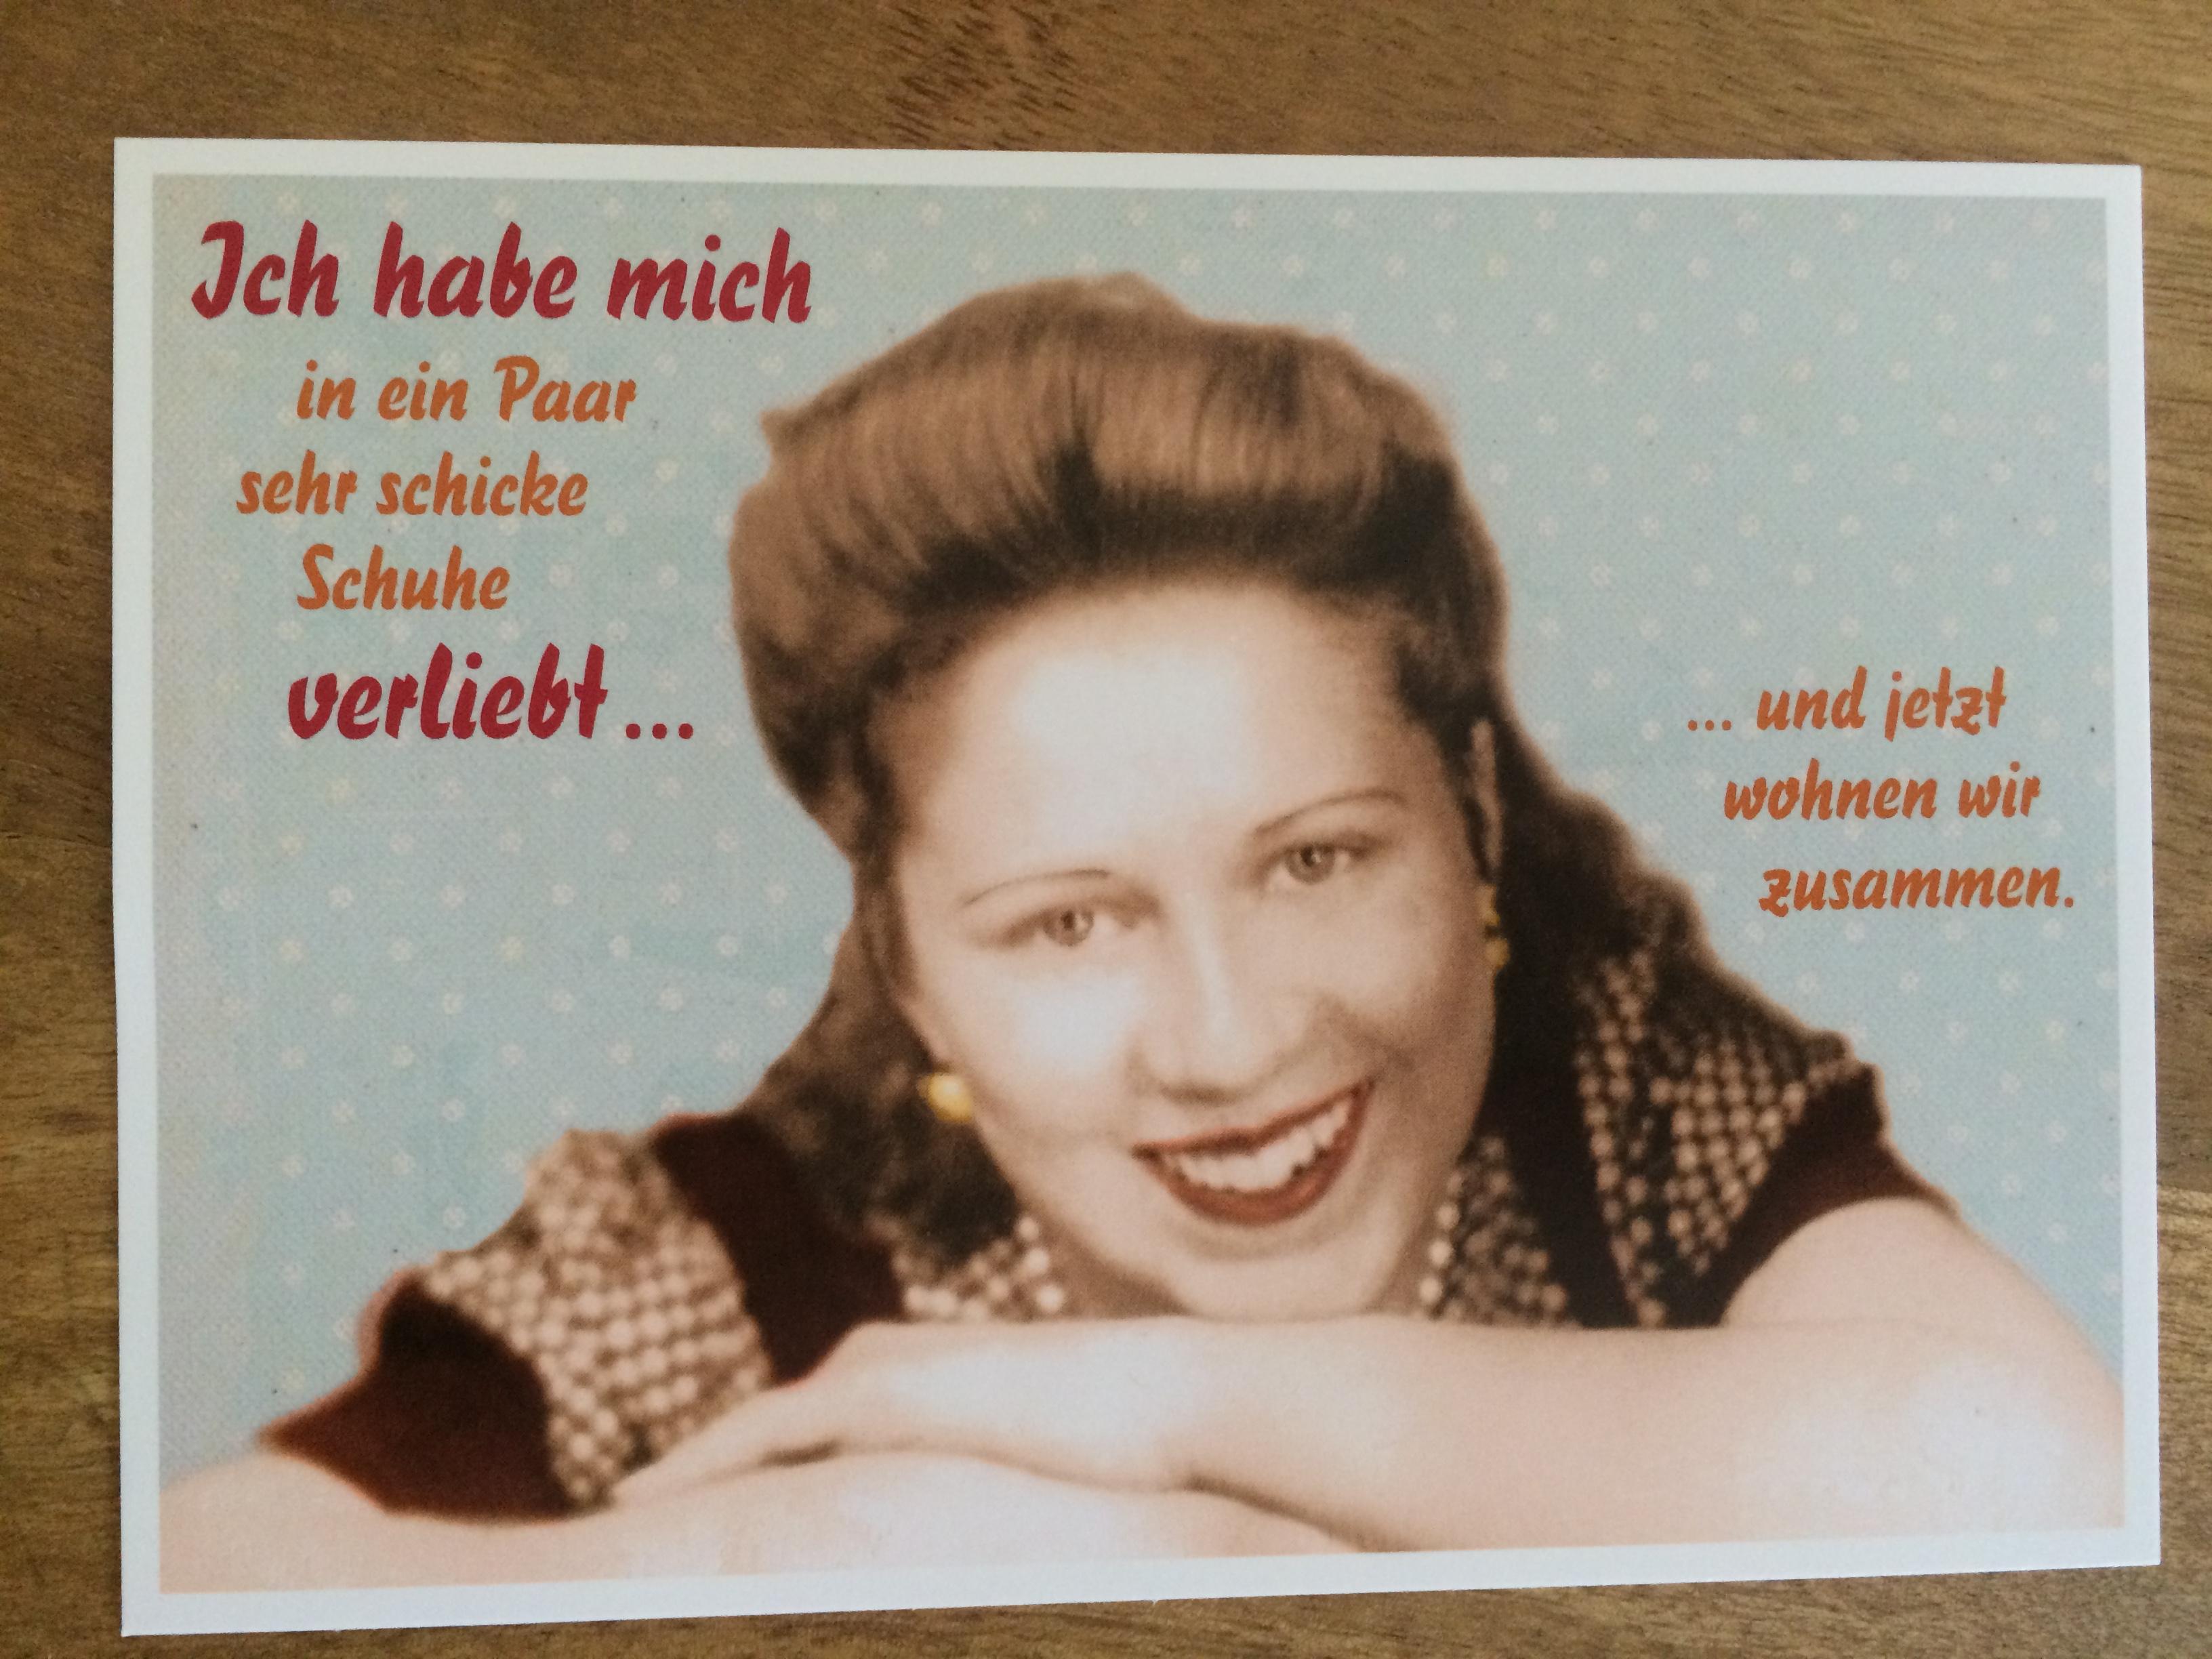 Postkarte Karte Ich habe mich in ein Paar sehr schicke Schuhe verliebt... ... und jetzt wohnen wi